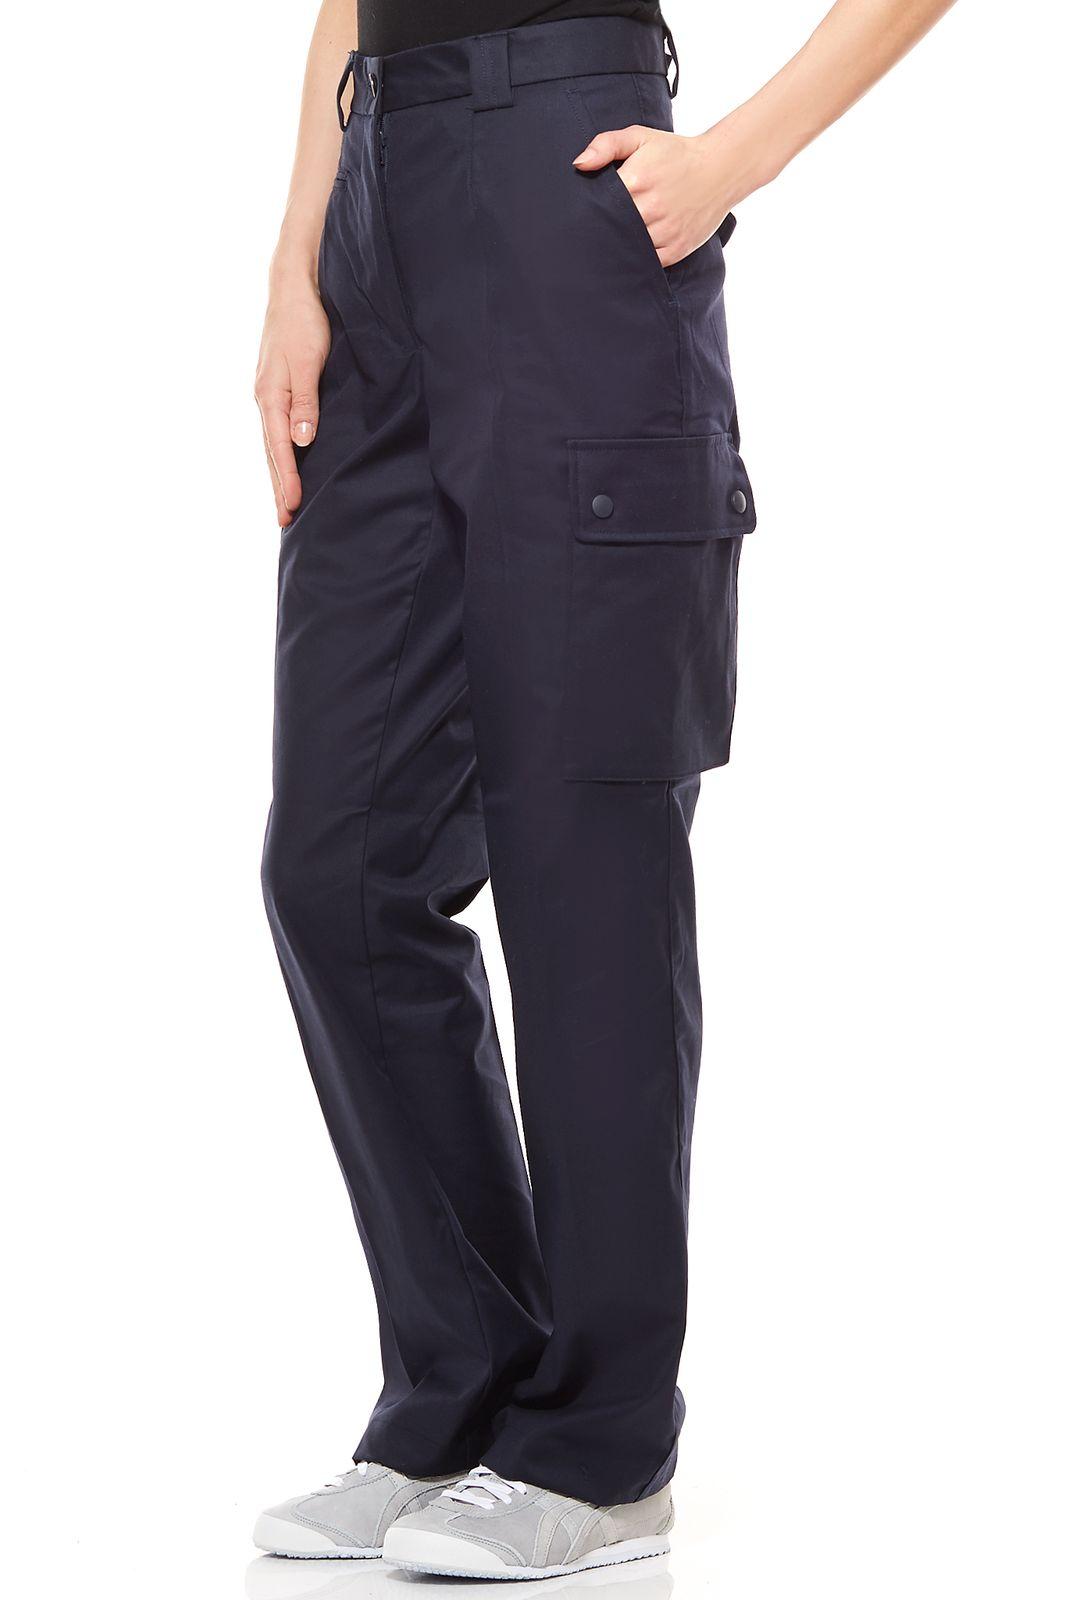 Security Hose Damen Arbeitsschutz-Hose mit schmalem Bund